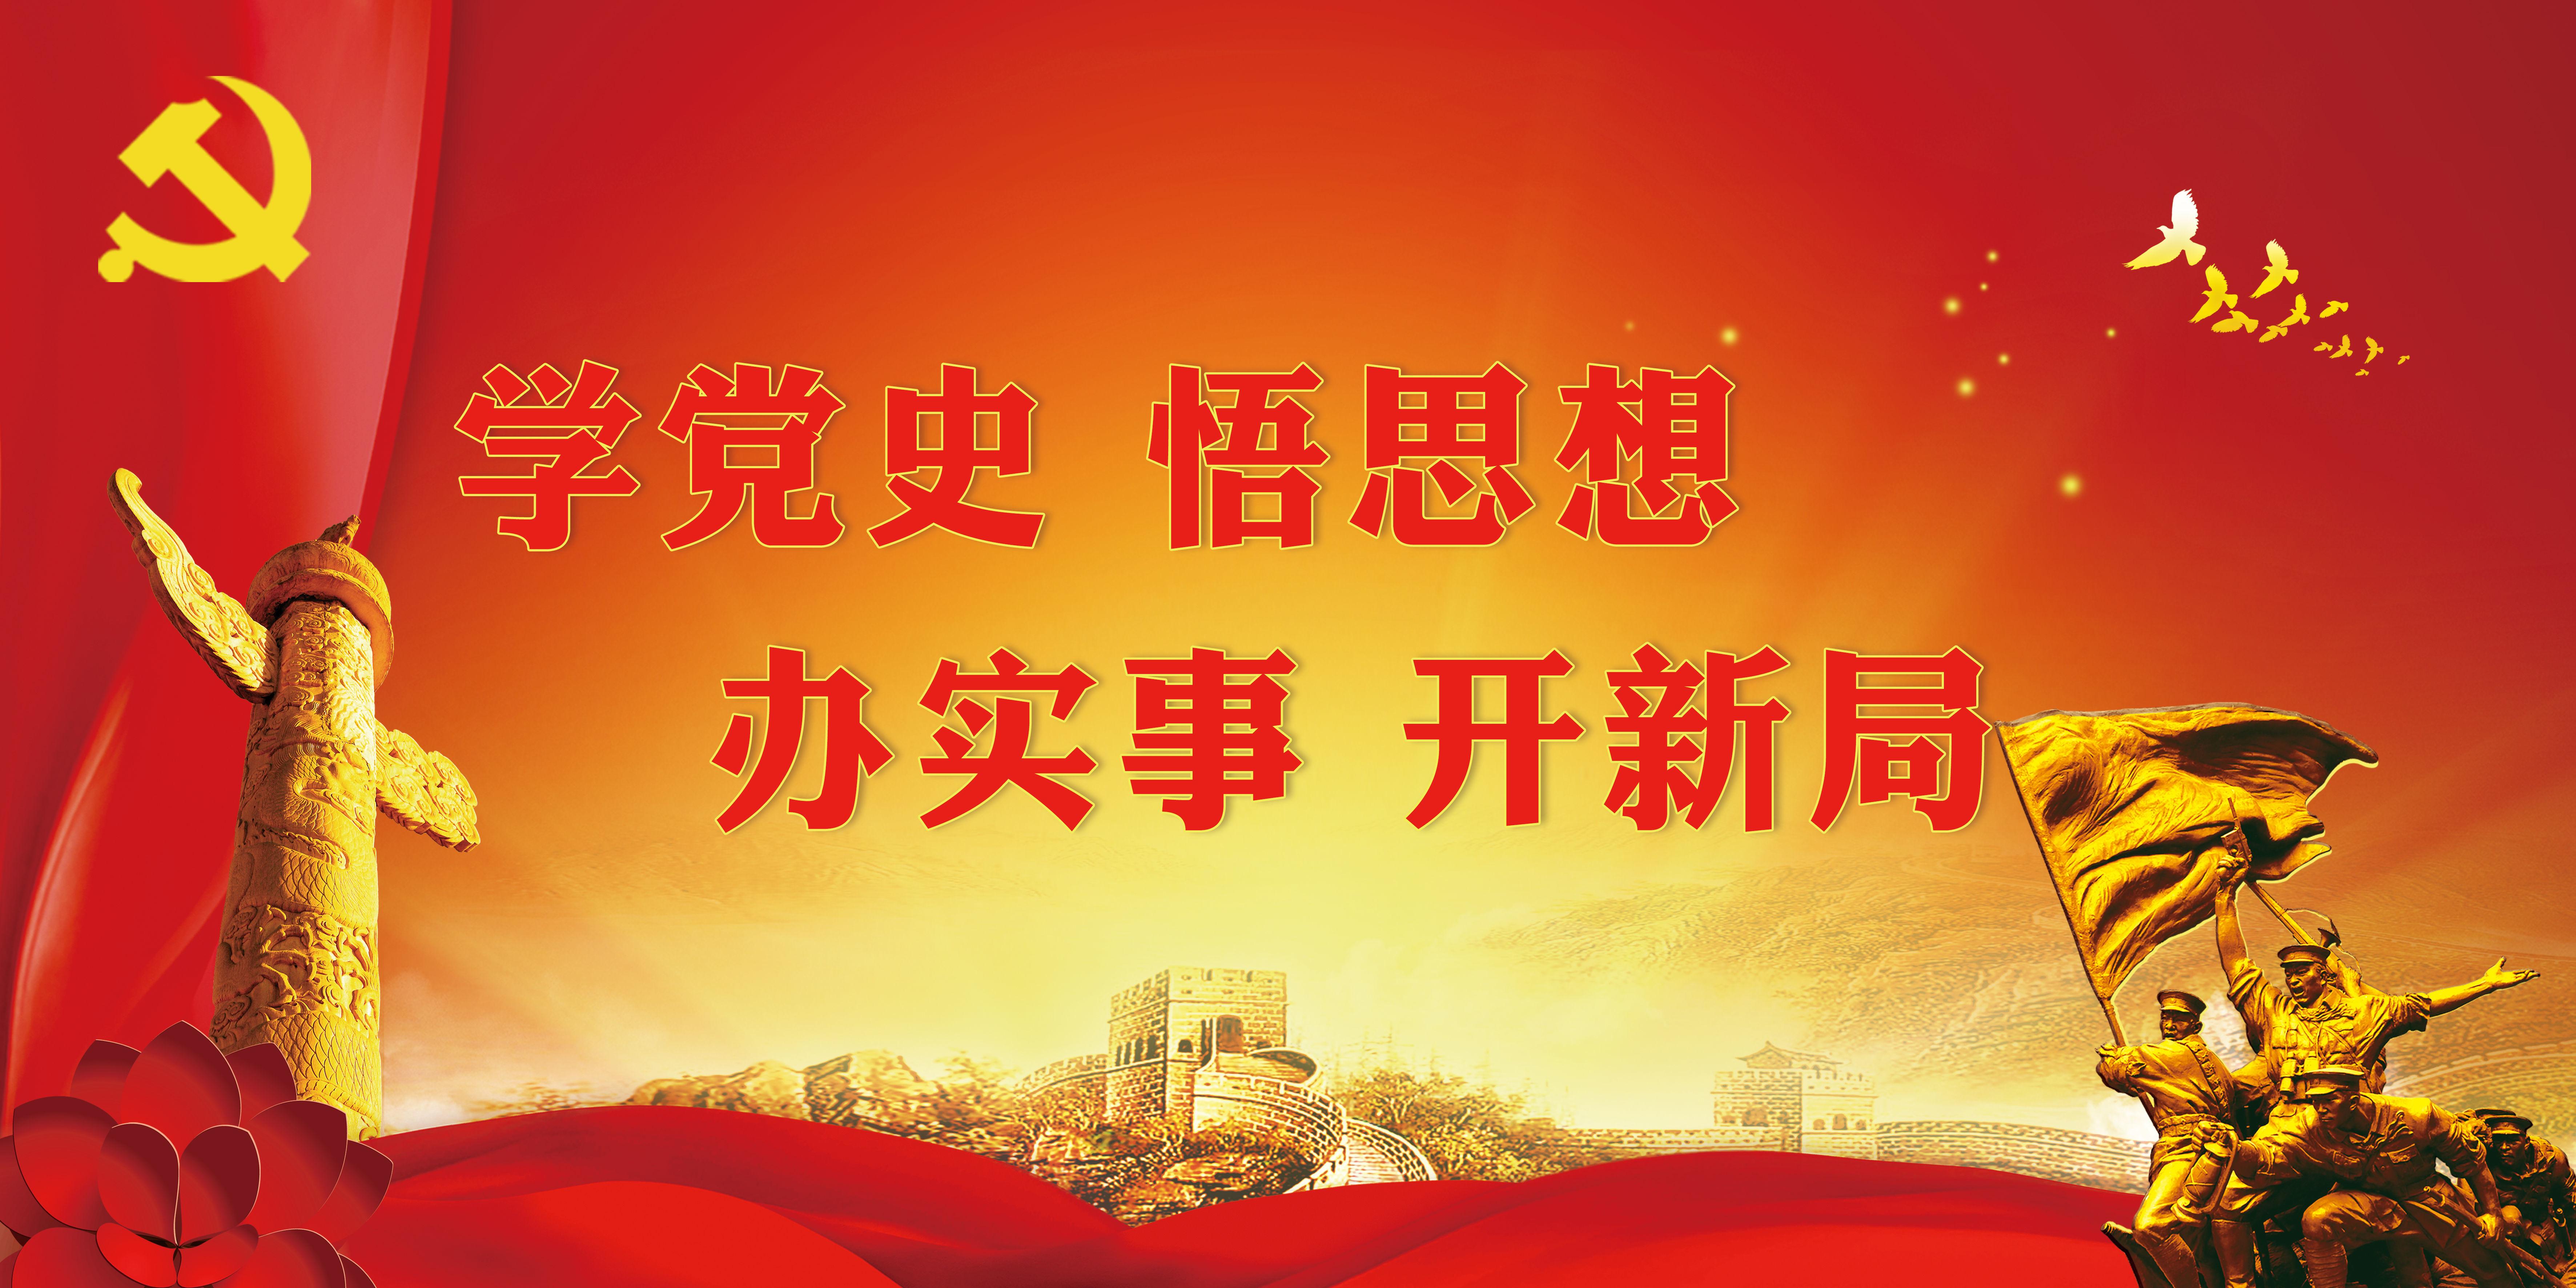 专题:党学党史 悟思想 办实事 开新局